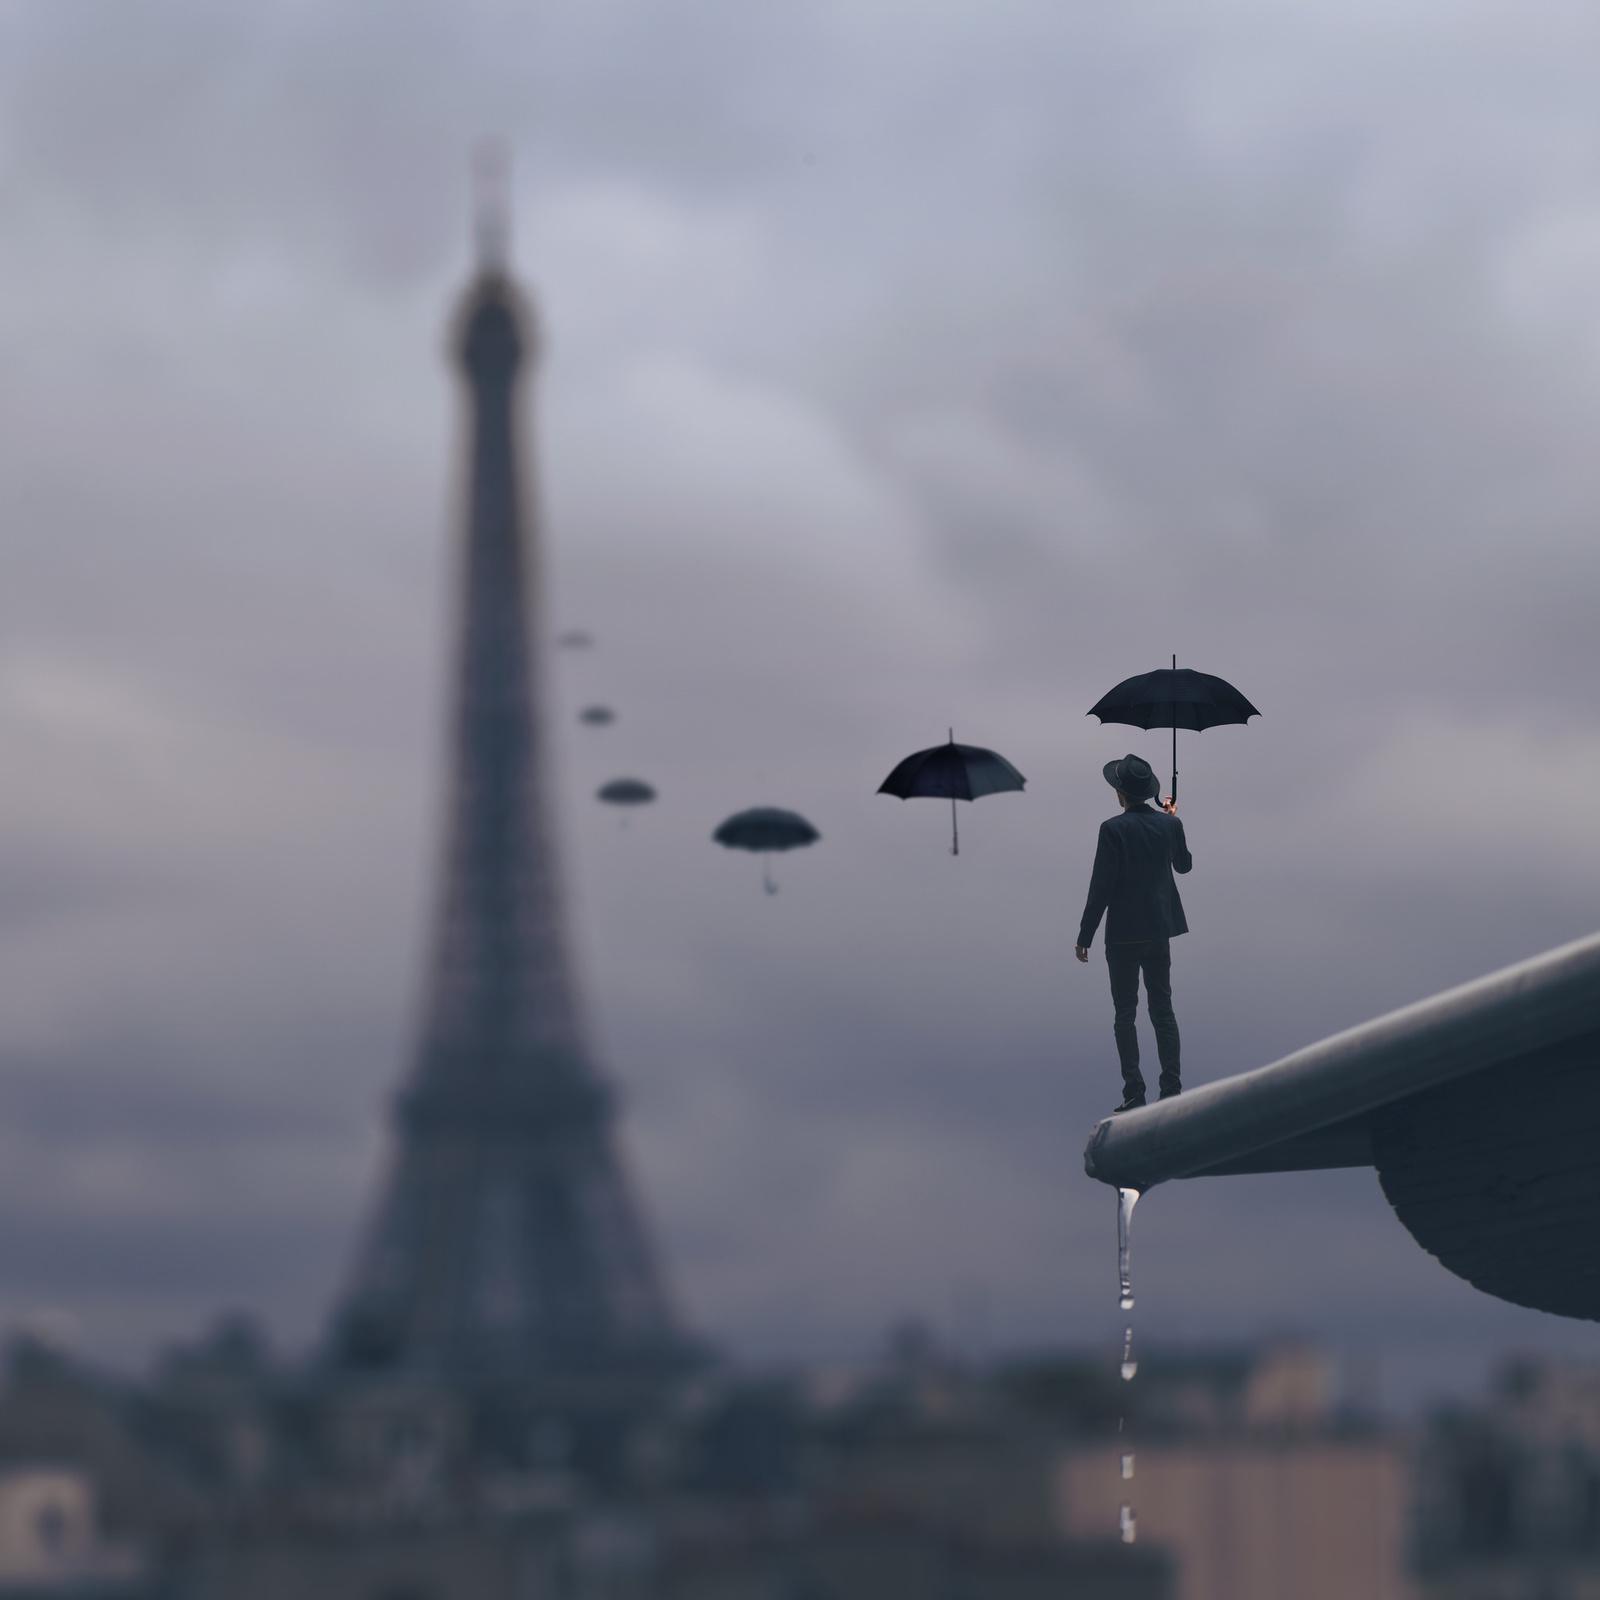 O incrível mundo fantástico do artista Vincent Bourilhon